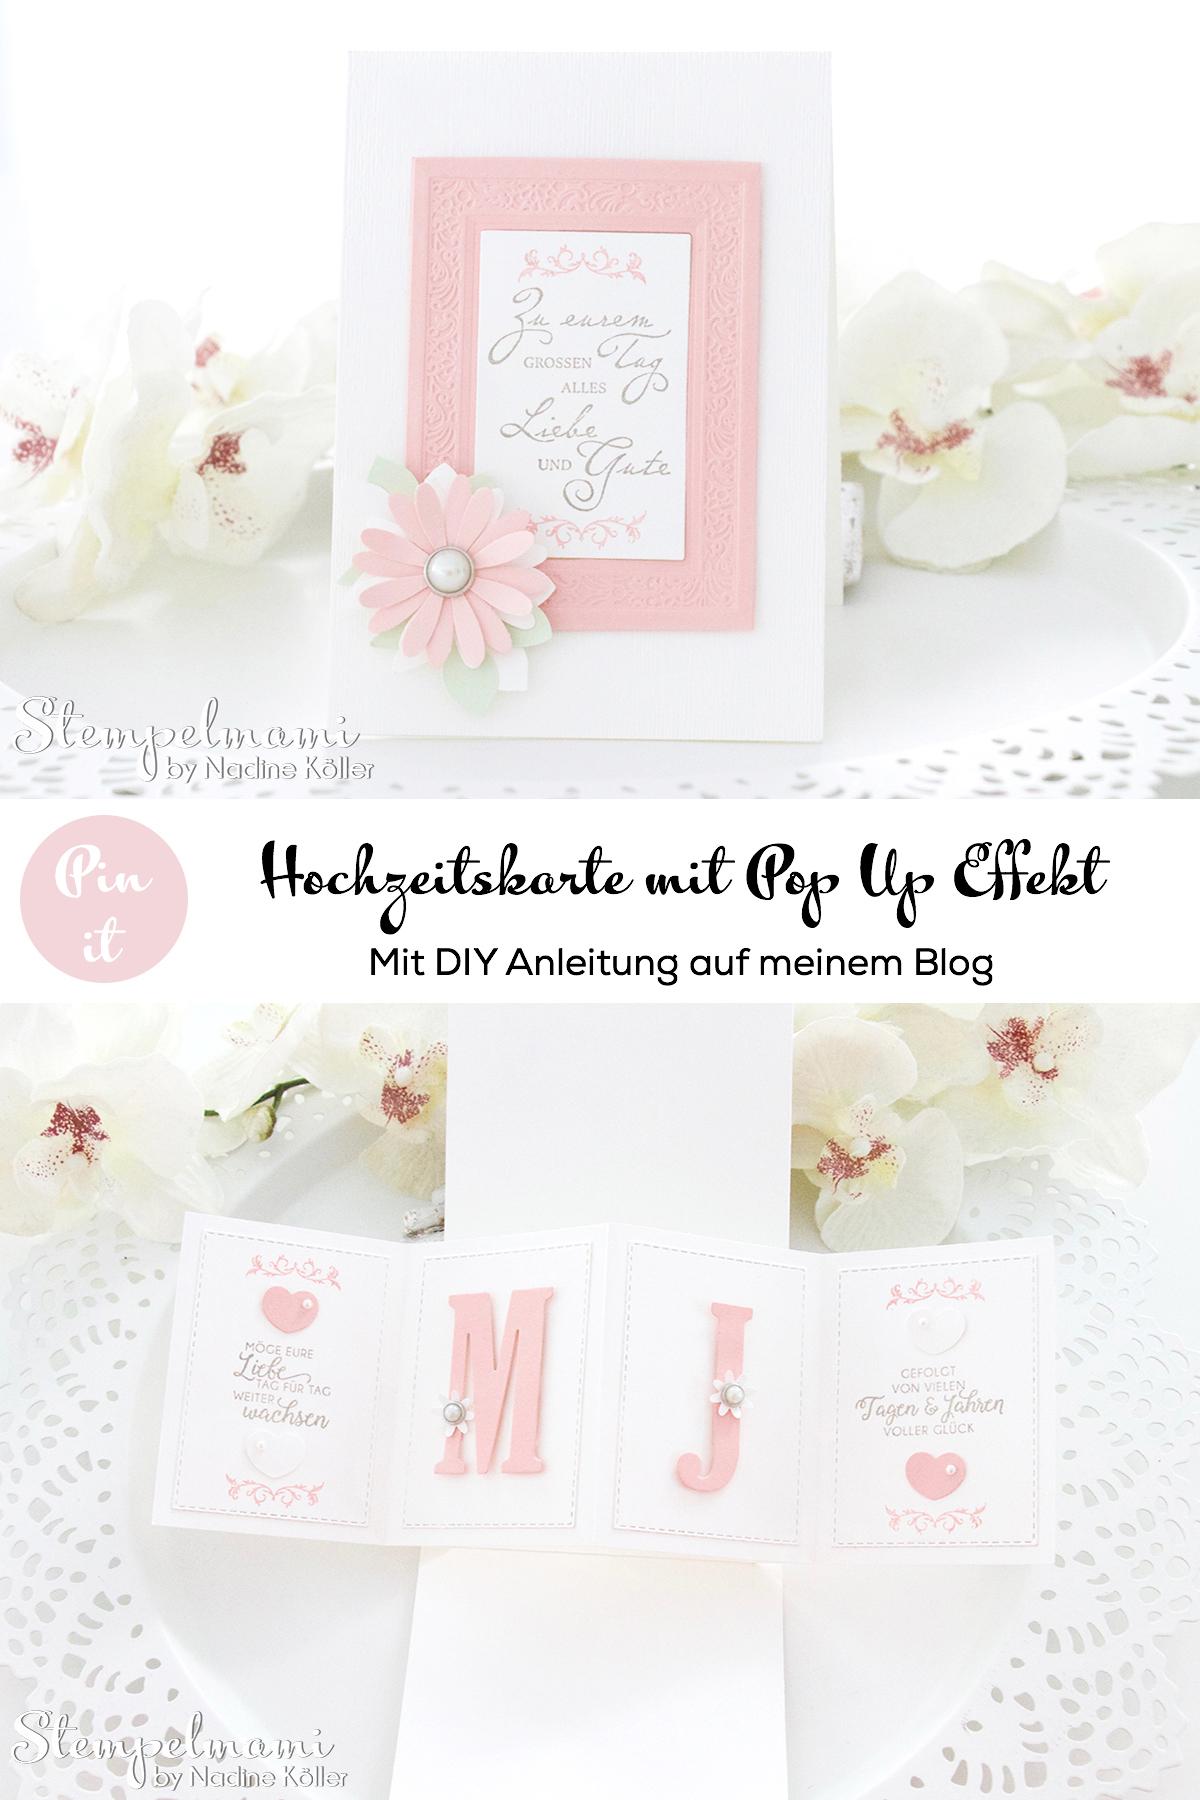 Stampin Up-Hochzeitskarte-Produktpaket Gewebte Worte-Portraetrahmen-Pop Up Panel Karte-Stempelmami 7